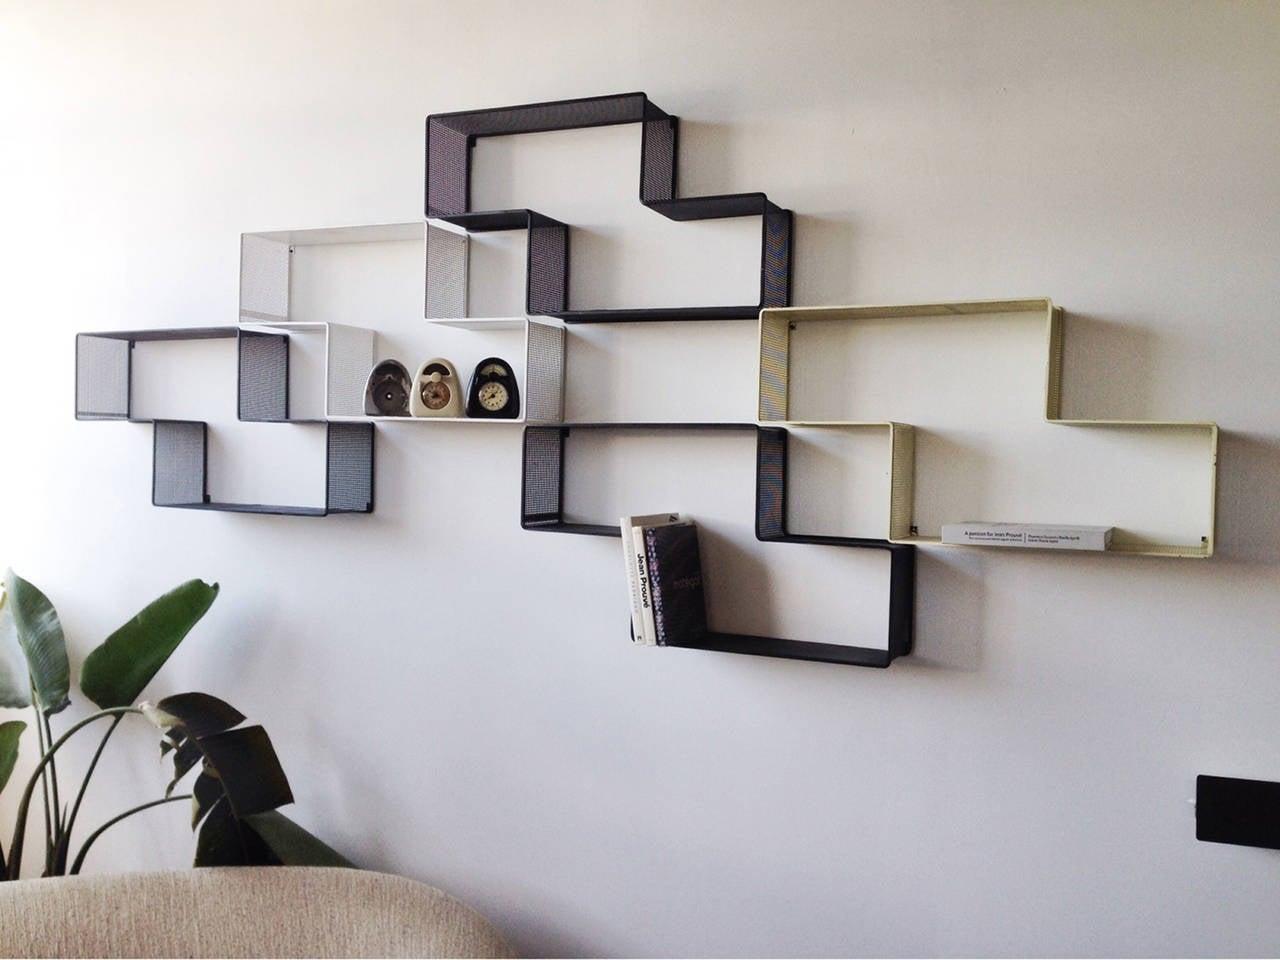 Mathieu Matégot Set of Modular Dedal Shelves 2